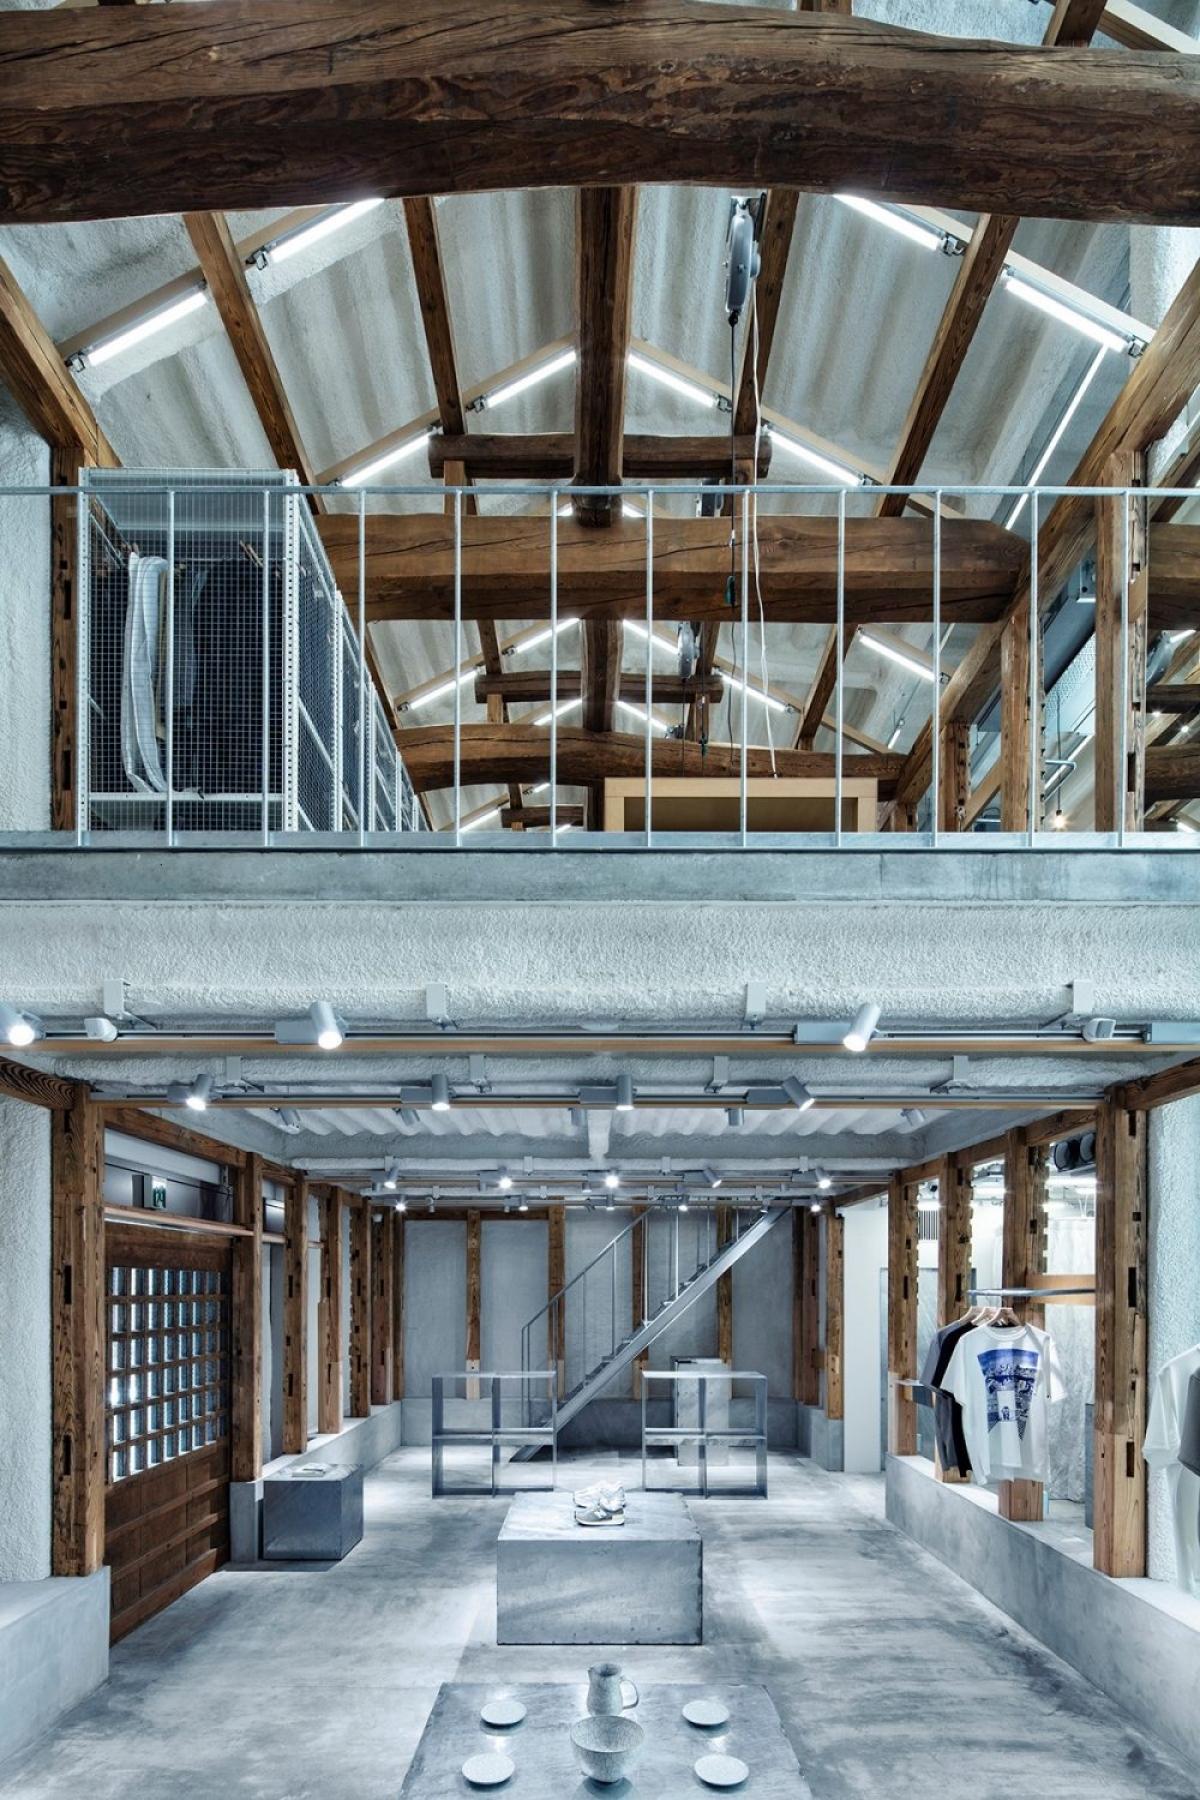 Không gian bên trong được chia làm 2 gác với khung gỗ và bê tông bao quanh. Tầng dưới là nơi để tiếp khách, ăn uống, thư giãn. Gác trên dùng để làm việc và nghỉ ngơi.